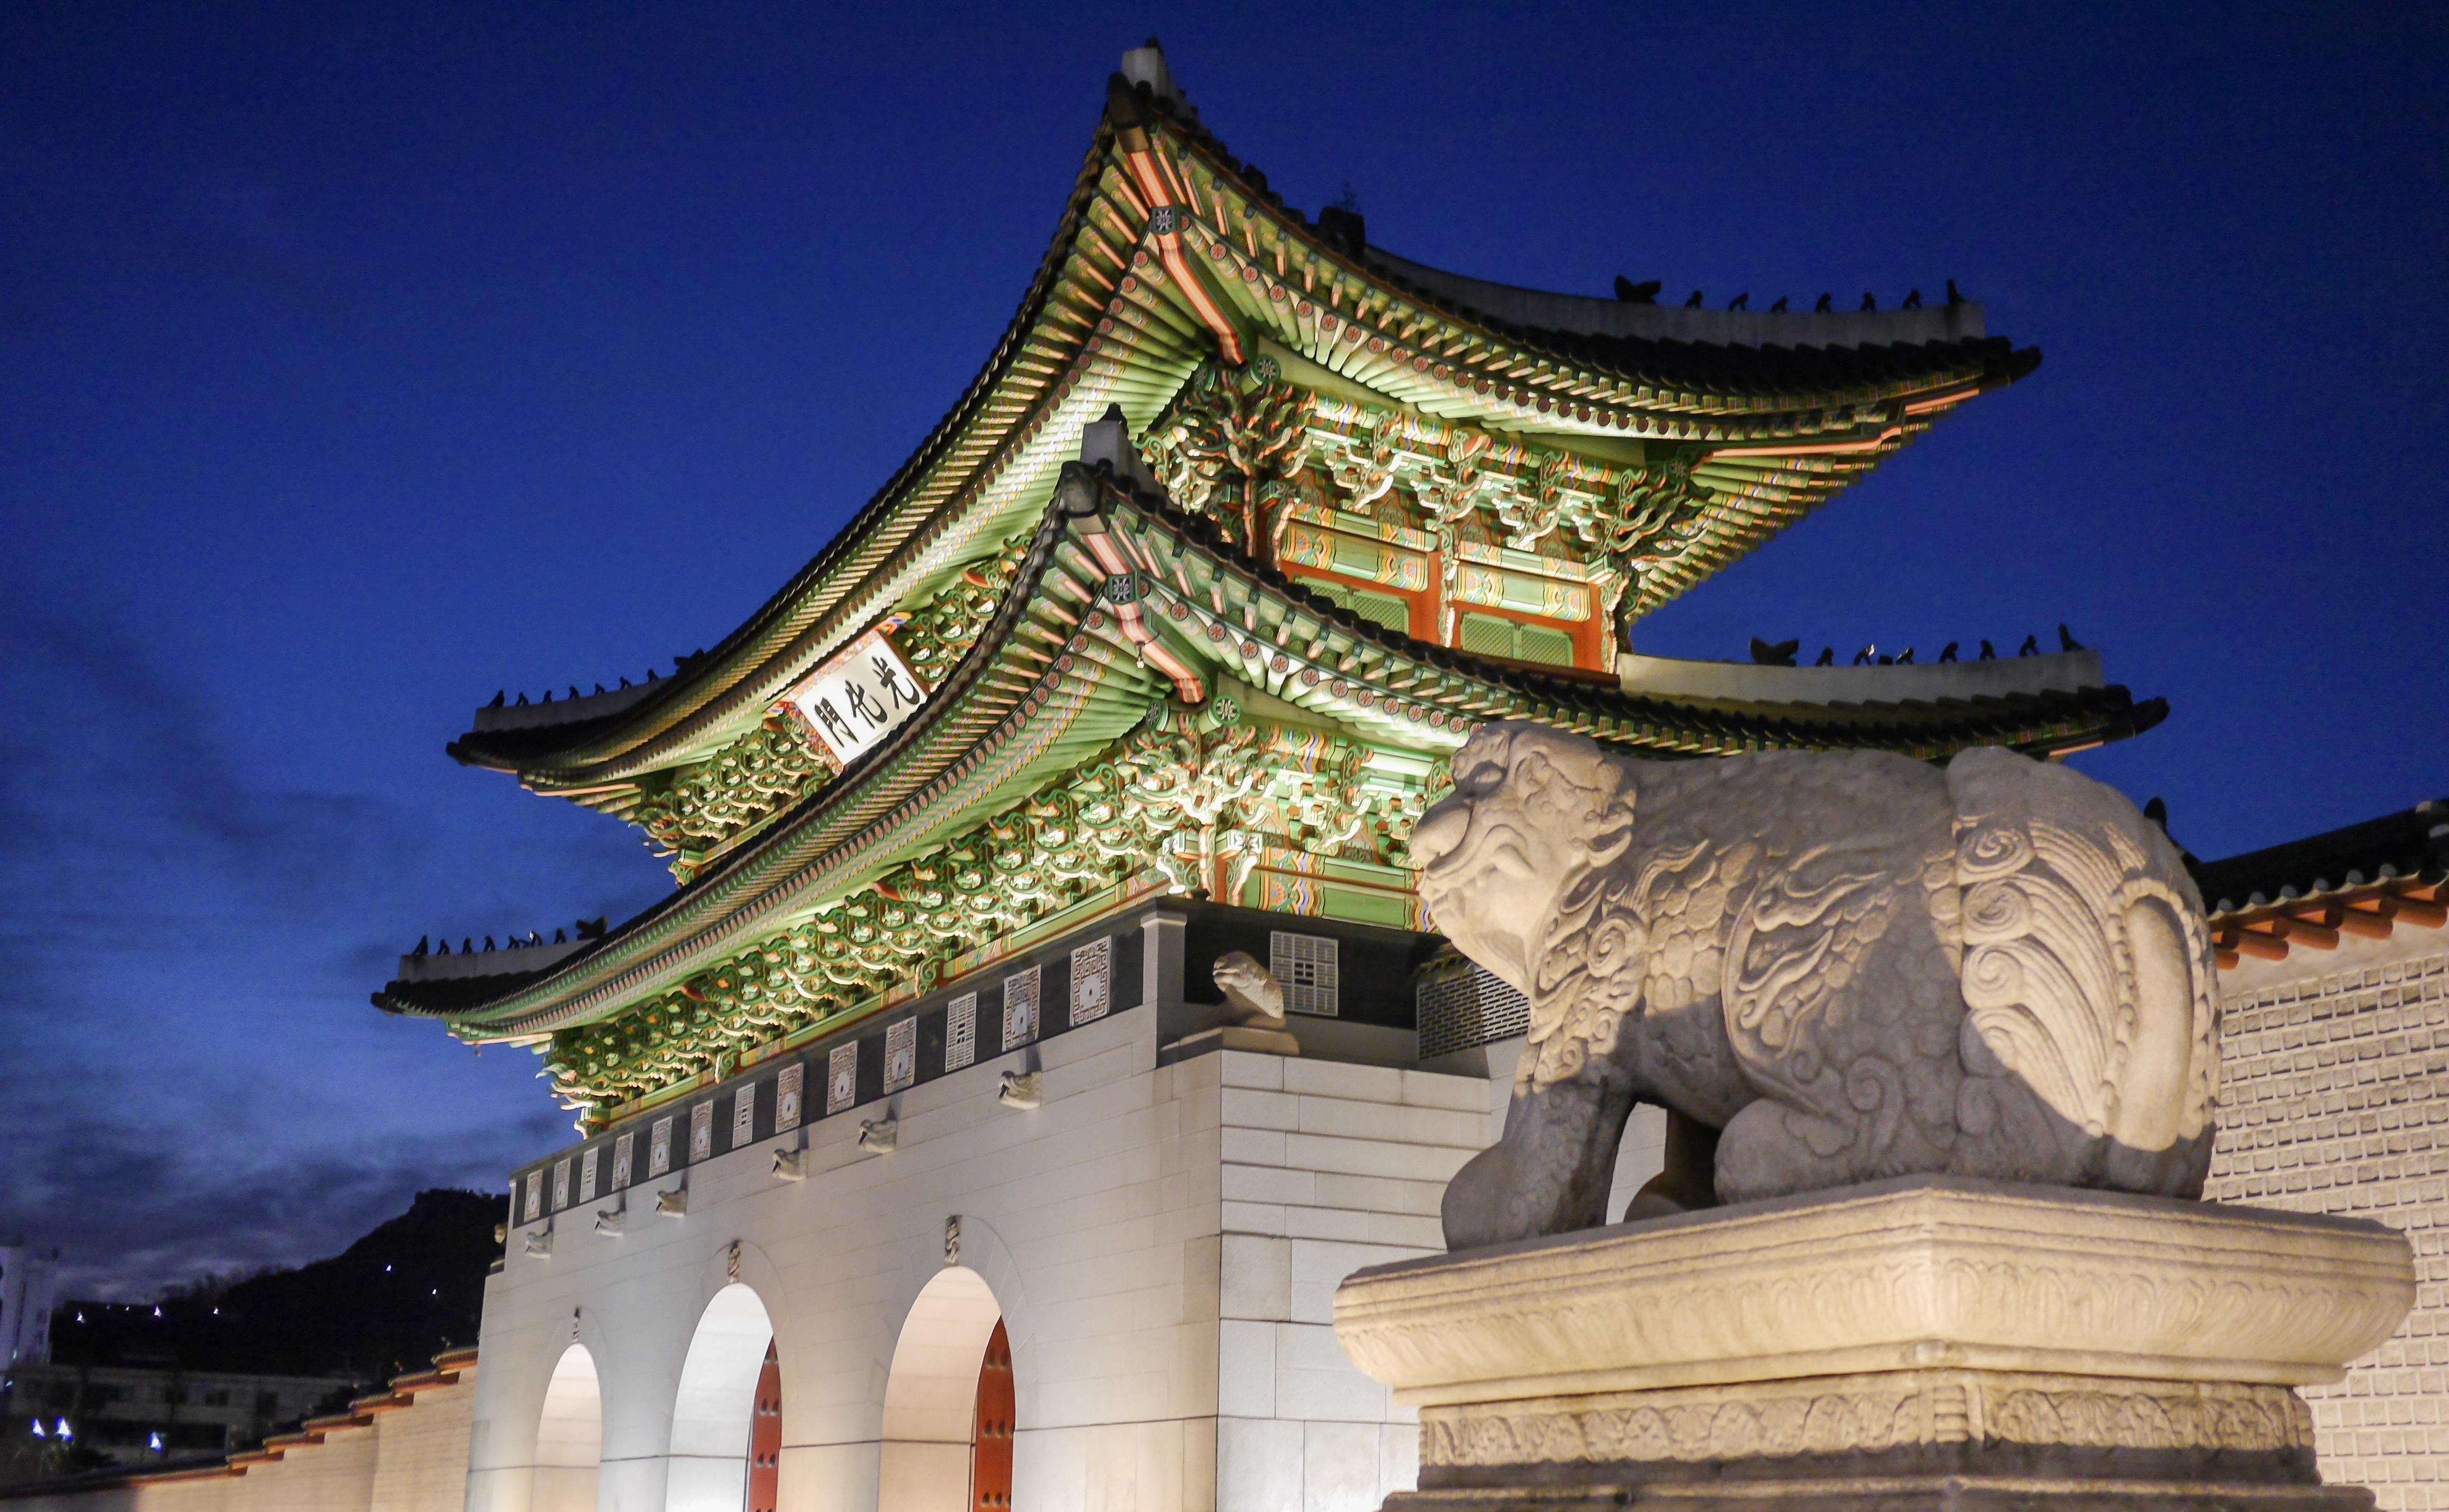 15-melhores-lugares-para-viajar-esse-ano-2018-coreia-do-sul-seoul 15 melhores lugares para viajar esse ano 2018